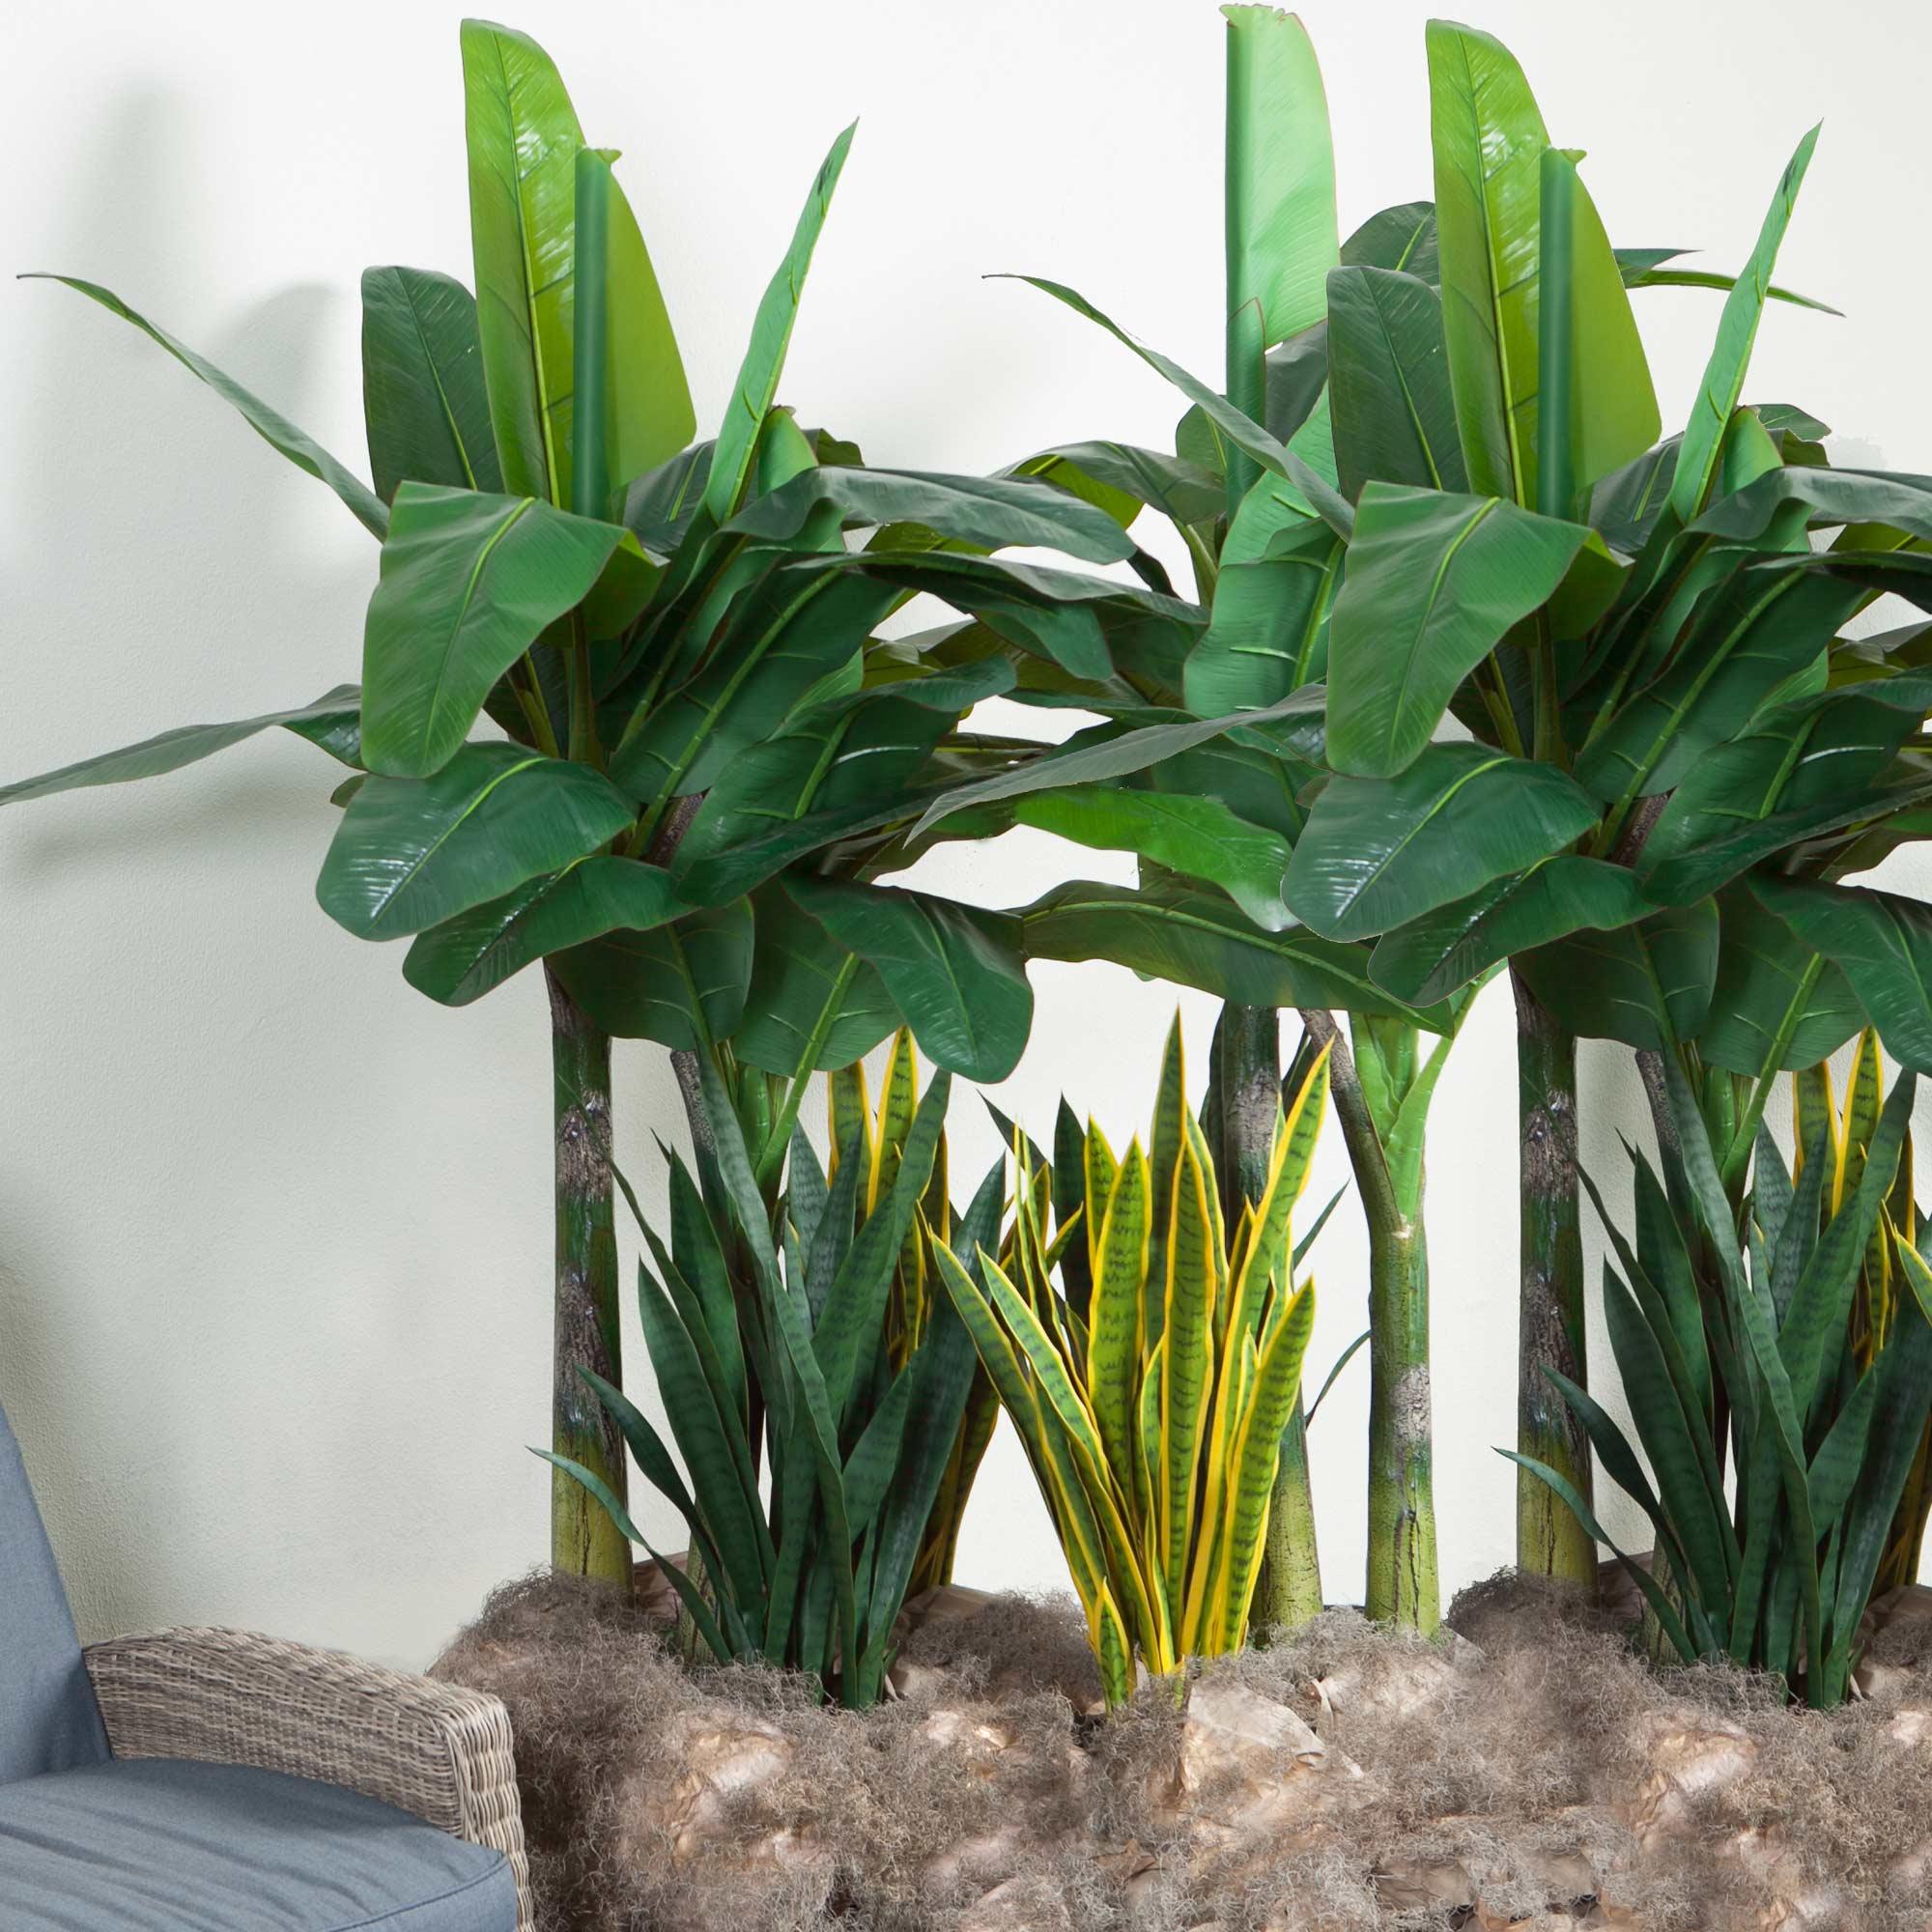 Planta Ornamental Bananeira - 180cm